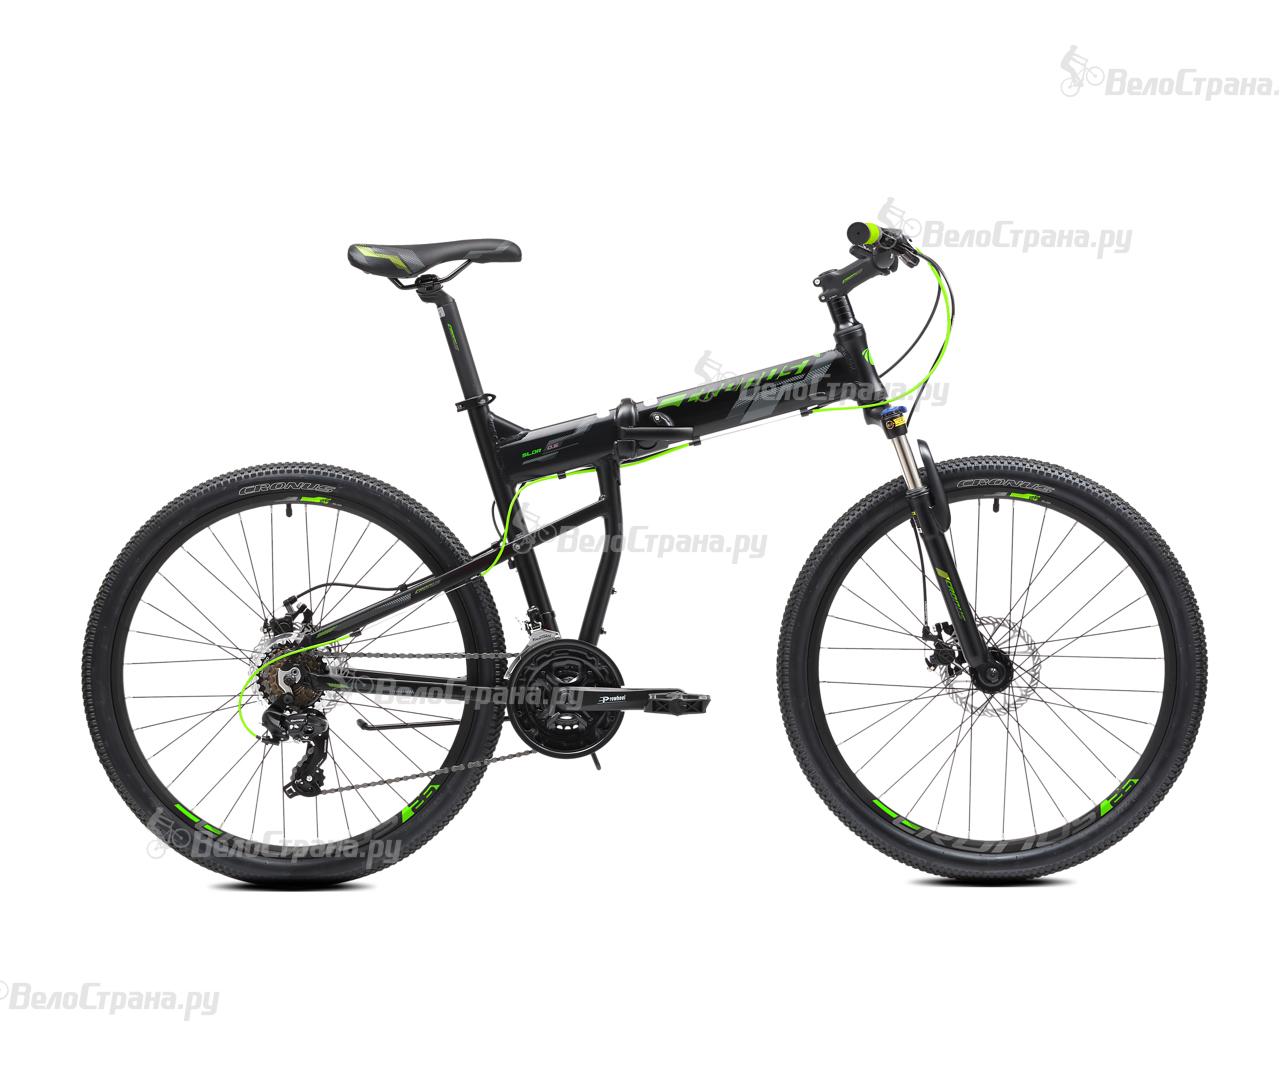 Велосипед Cronus Soldier 0.5 26 (2018) велосипед cronus soldier 1 5 2014